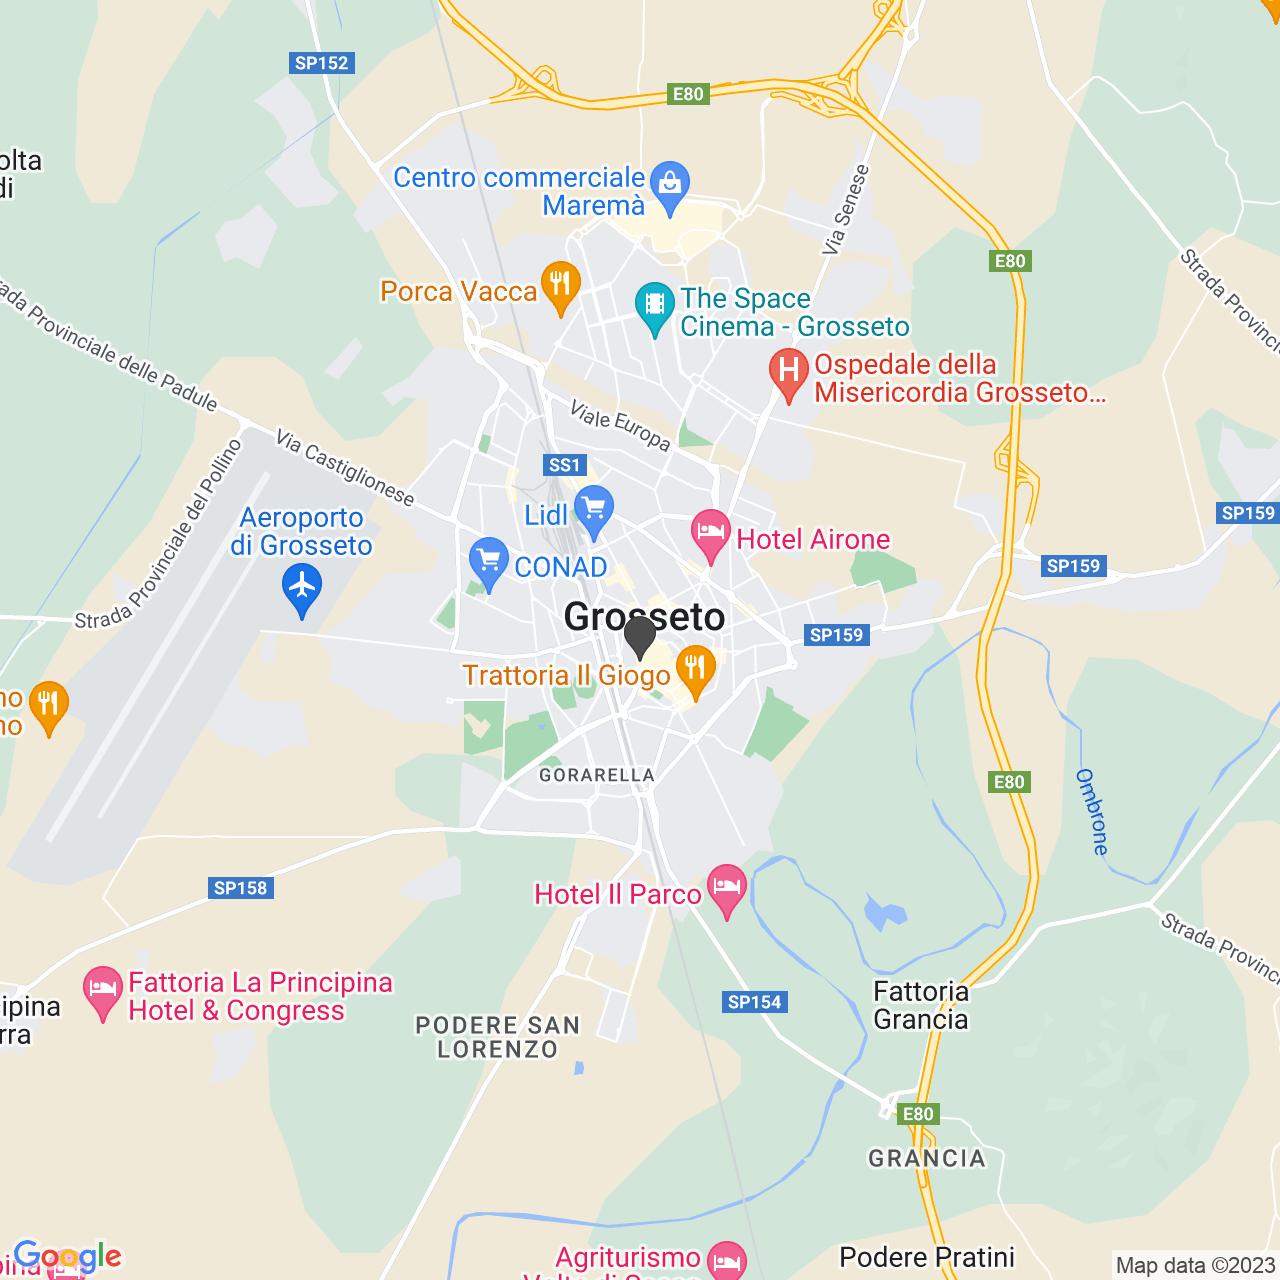 CROCE ROSSA ITALIANA - COMITATO DI GROSSETO - ORGANIZZAZIONE DI VOLONTARIATO